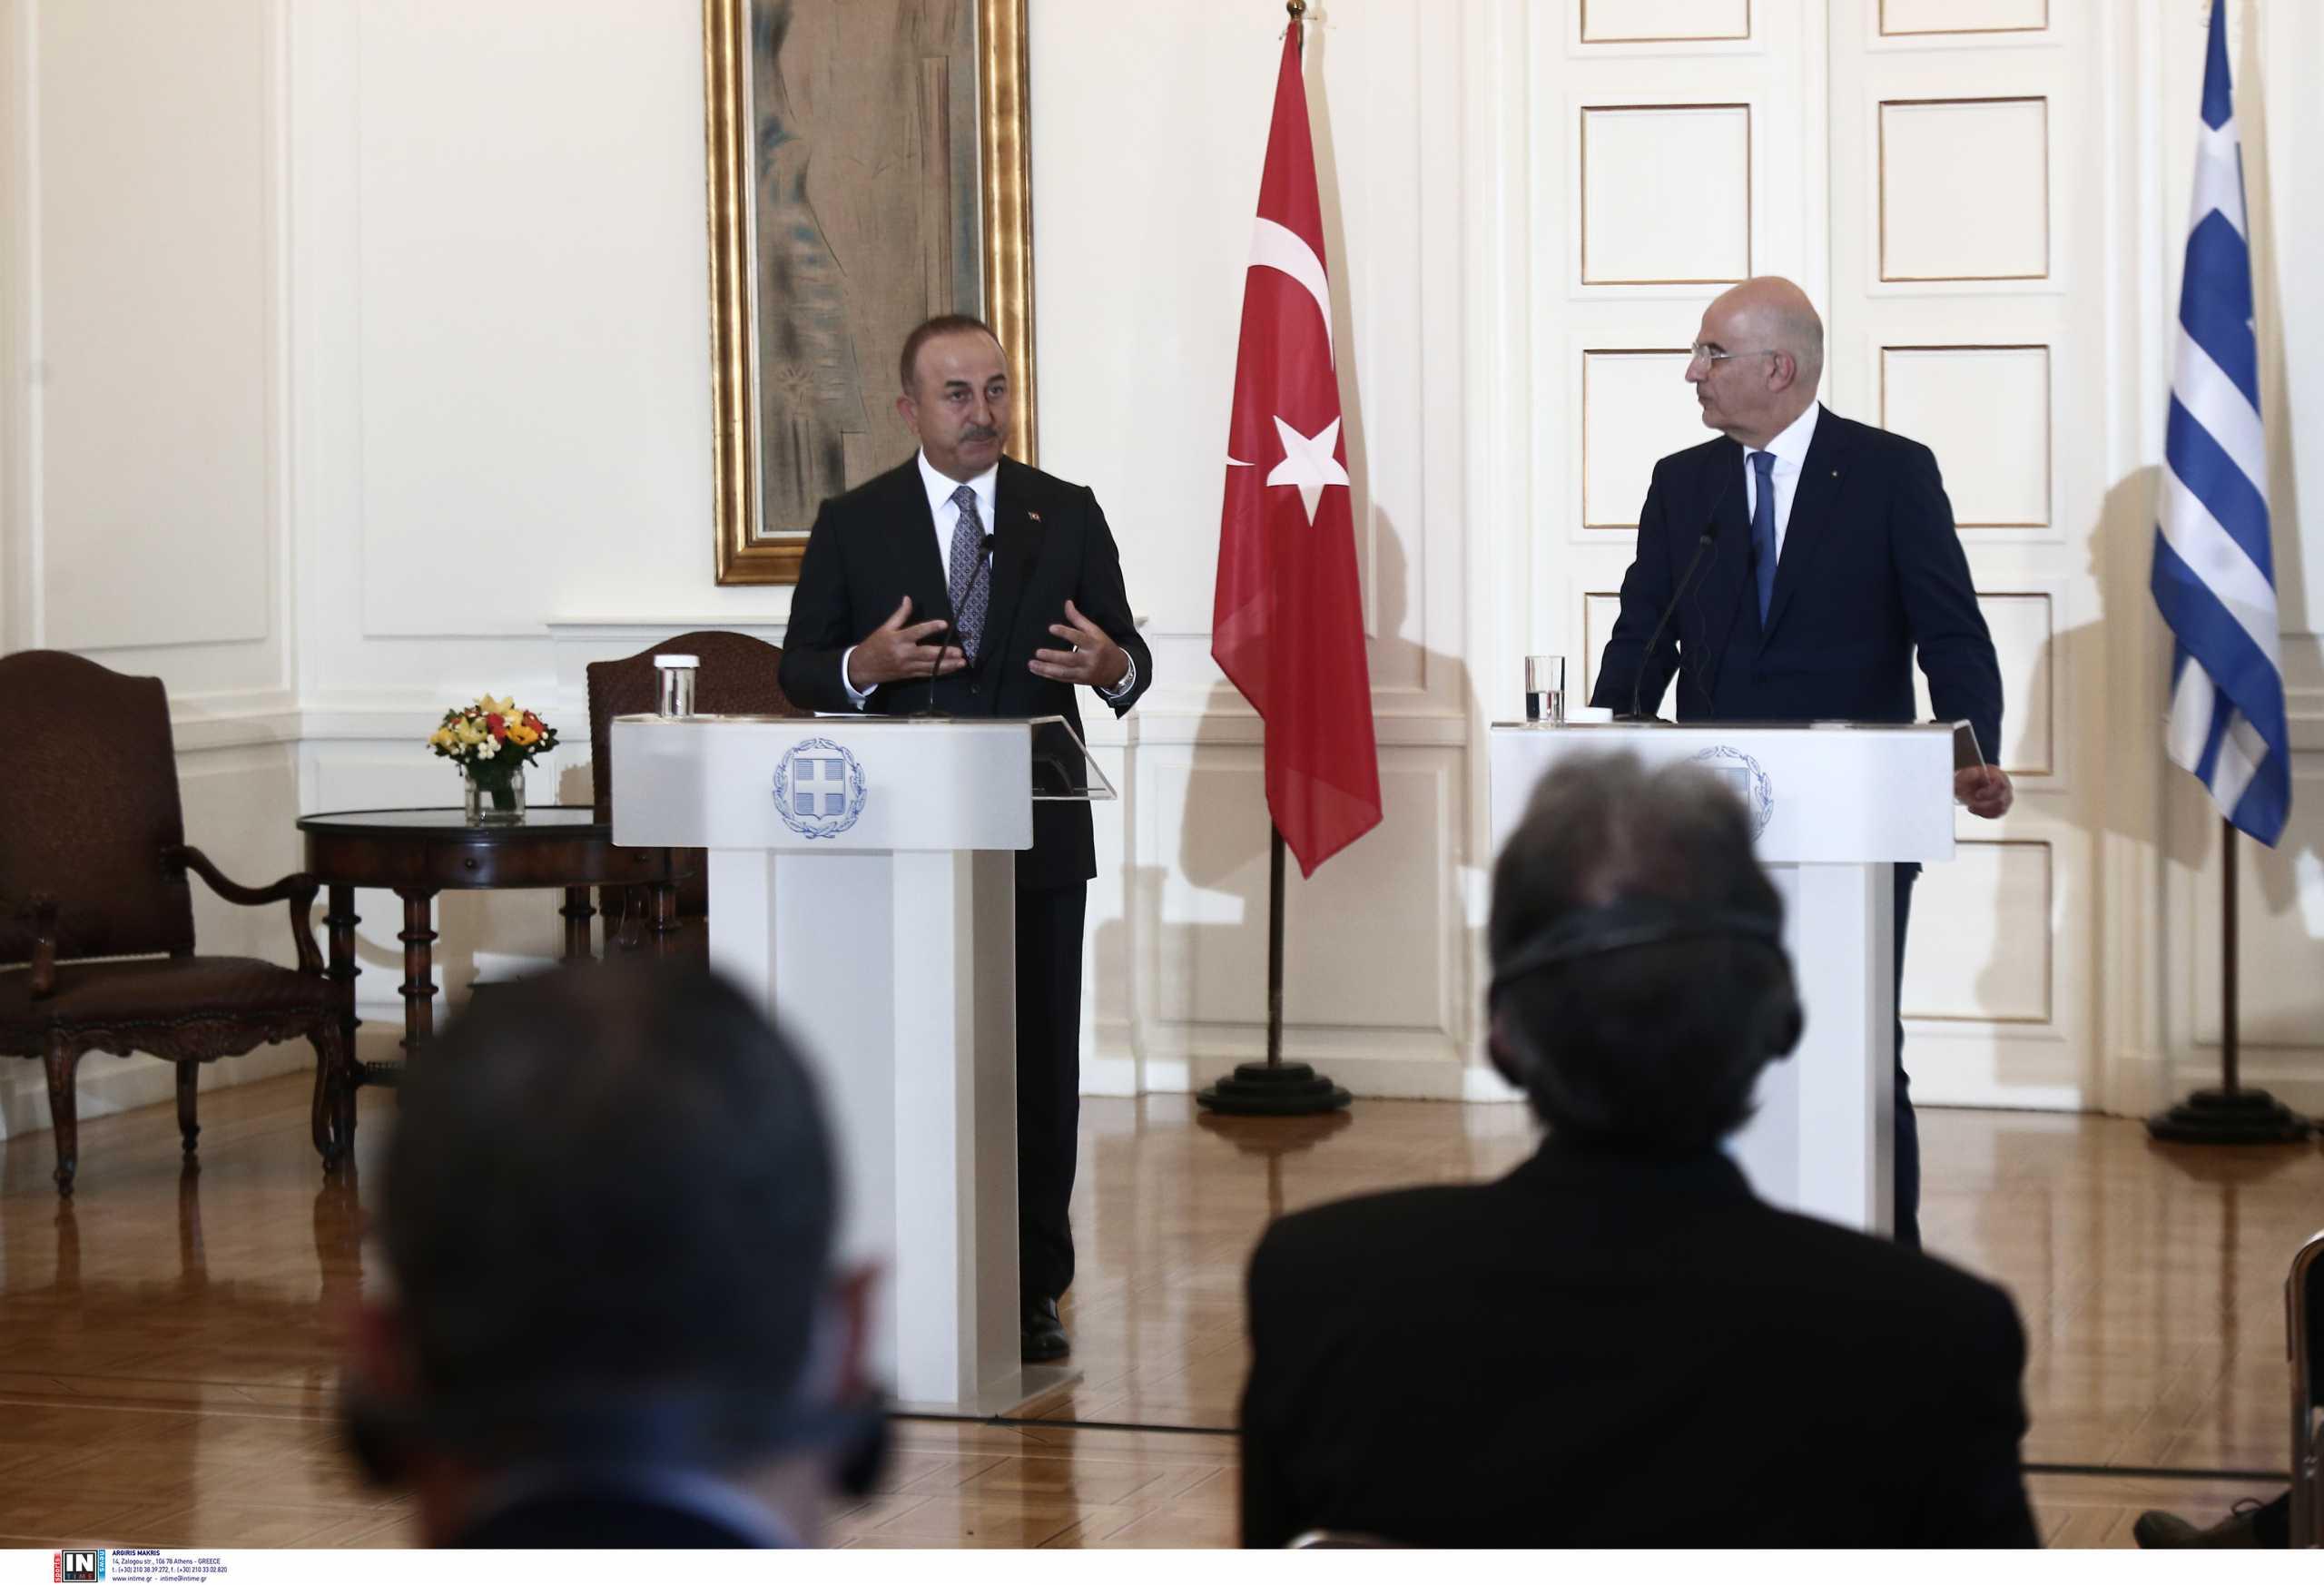 Δένδιας: Δεν τρέφουμε αυταπάτες για τις σχέσεις μας με την Τουρκία